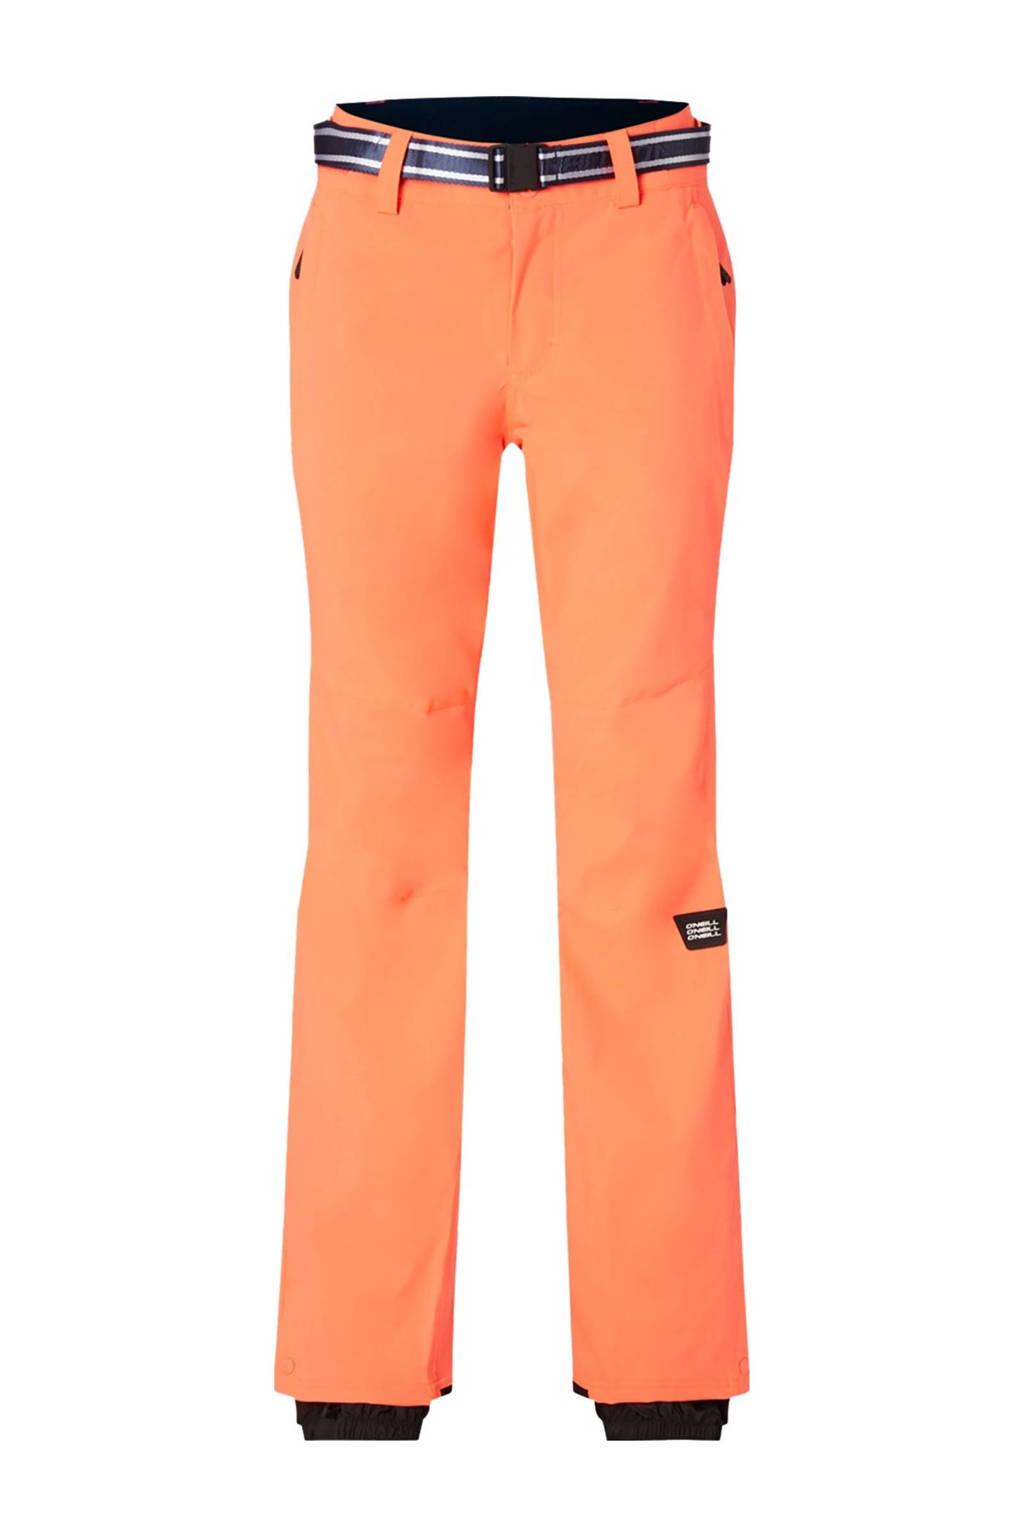 O'Neill skibroek Star Slim oranje, Oranje